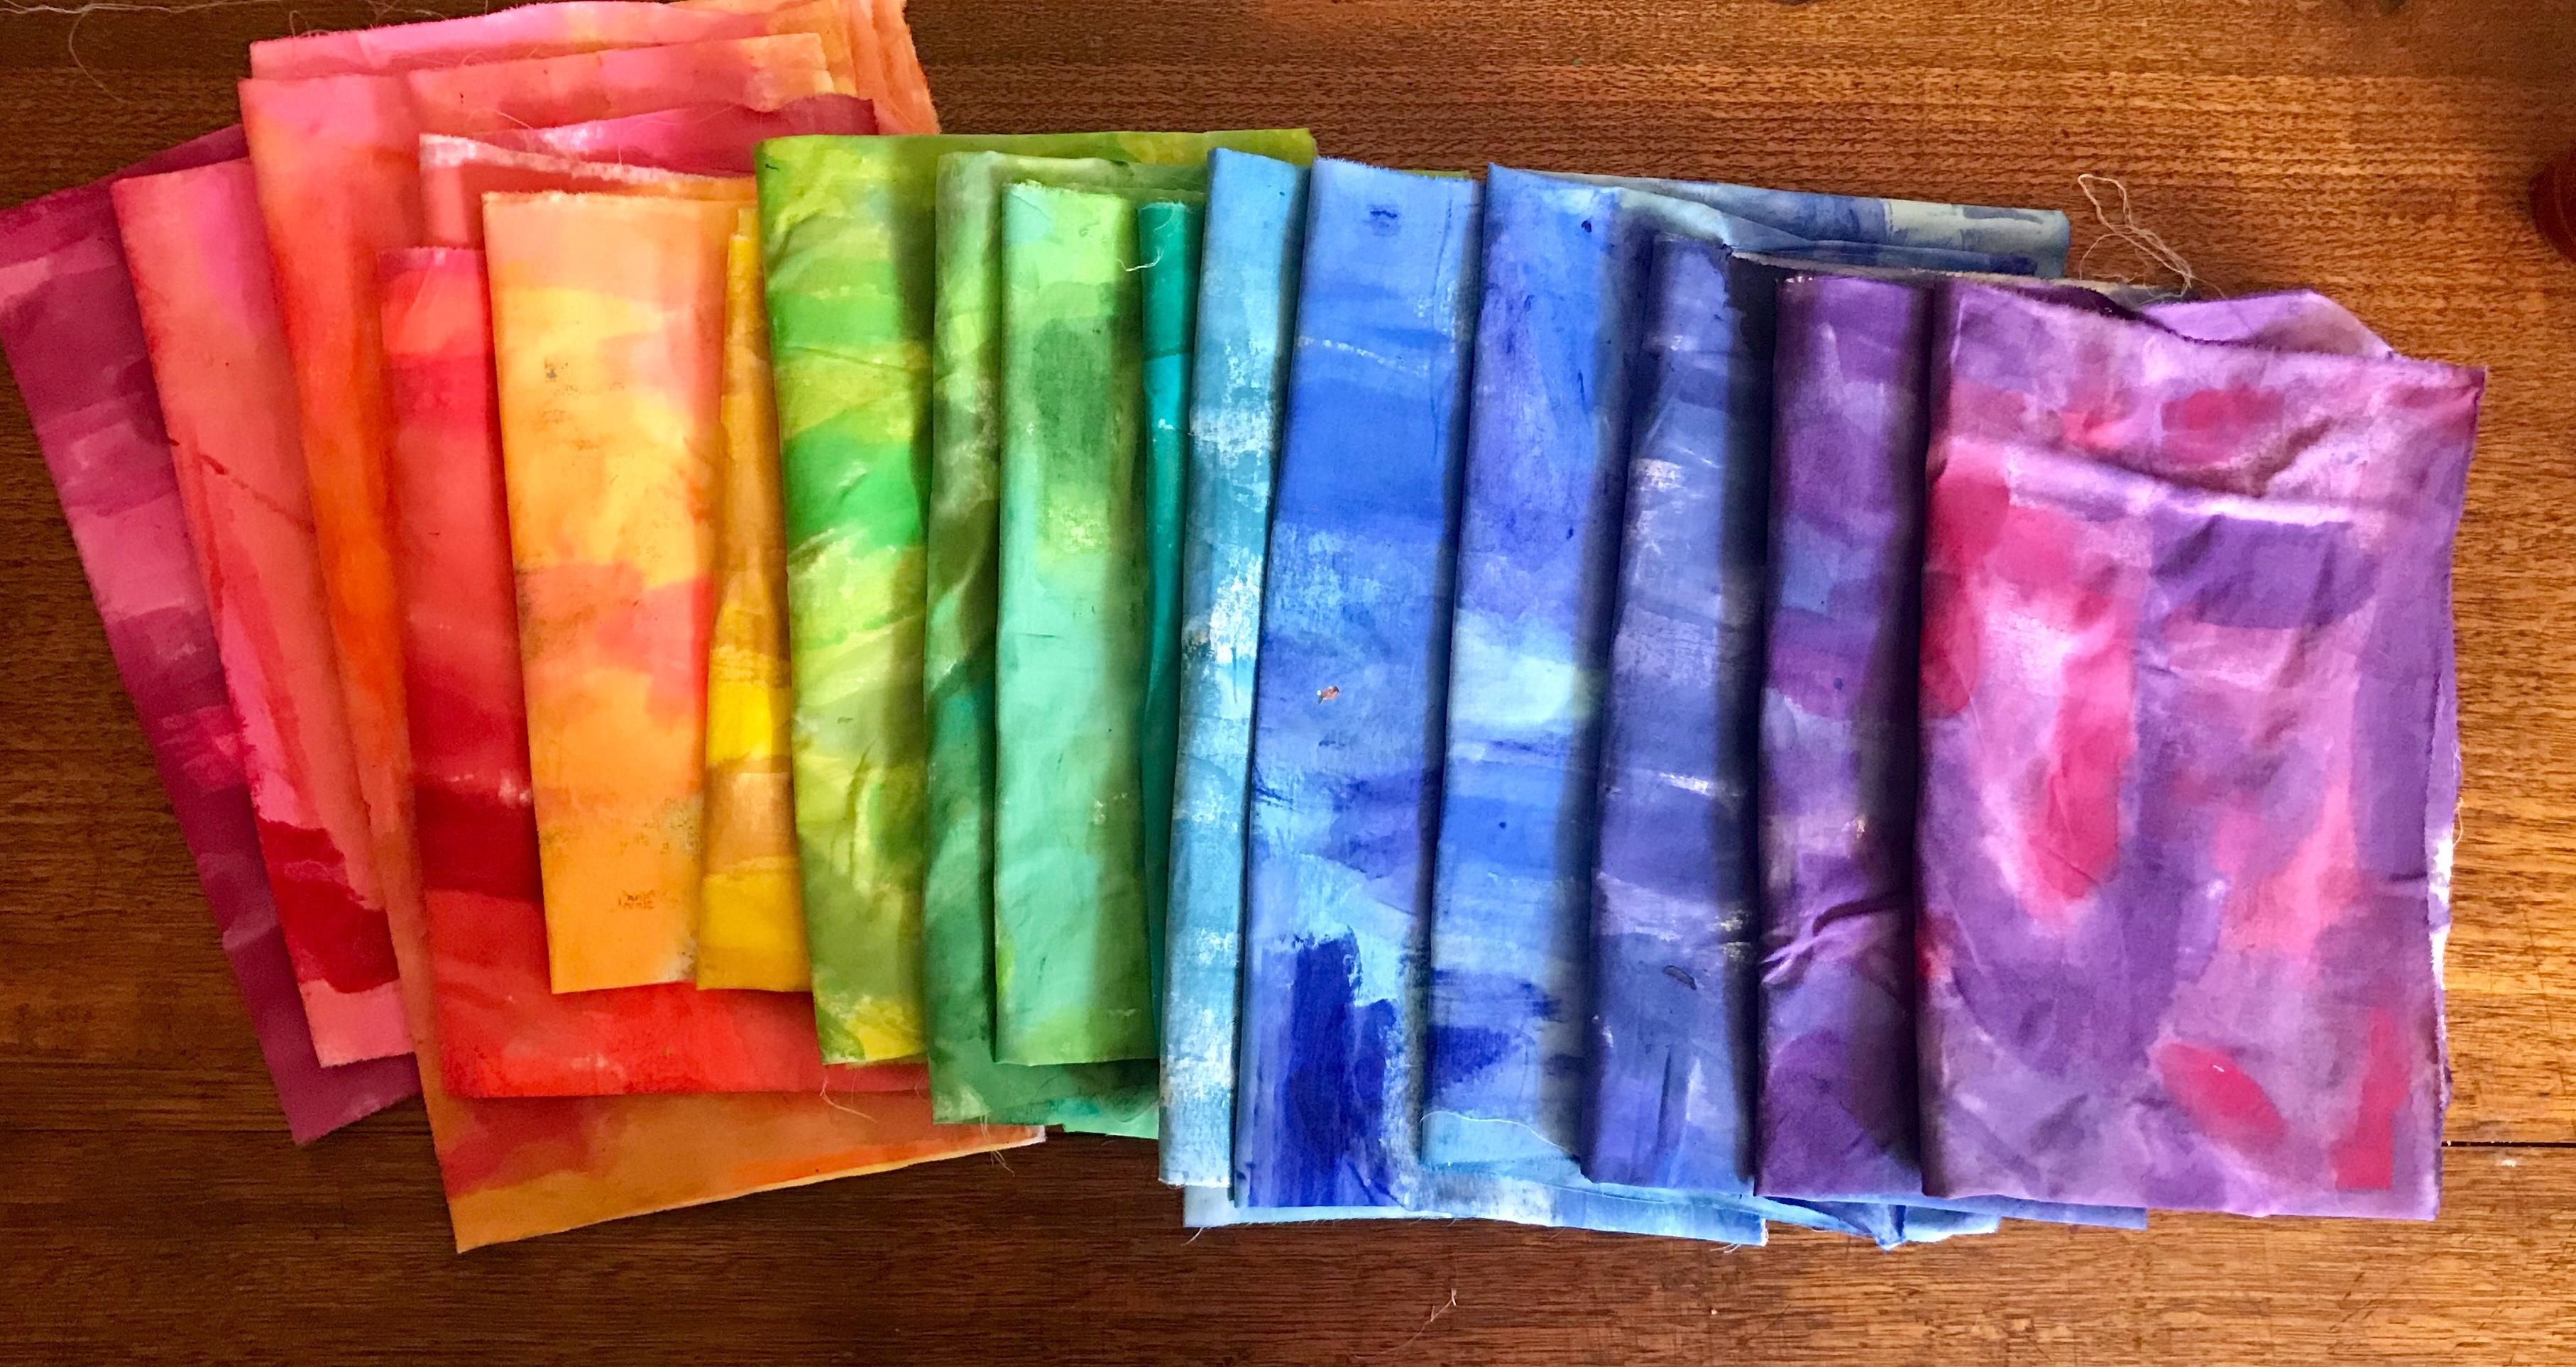 Rainbow Prayer Flags